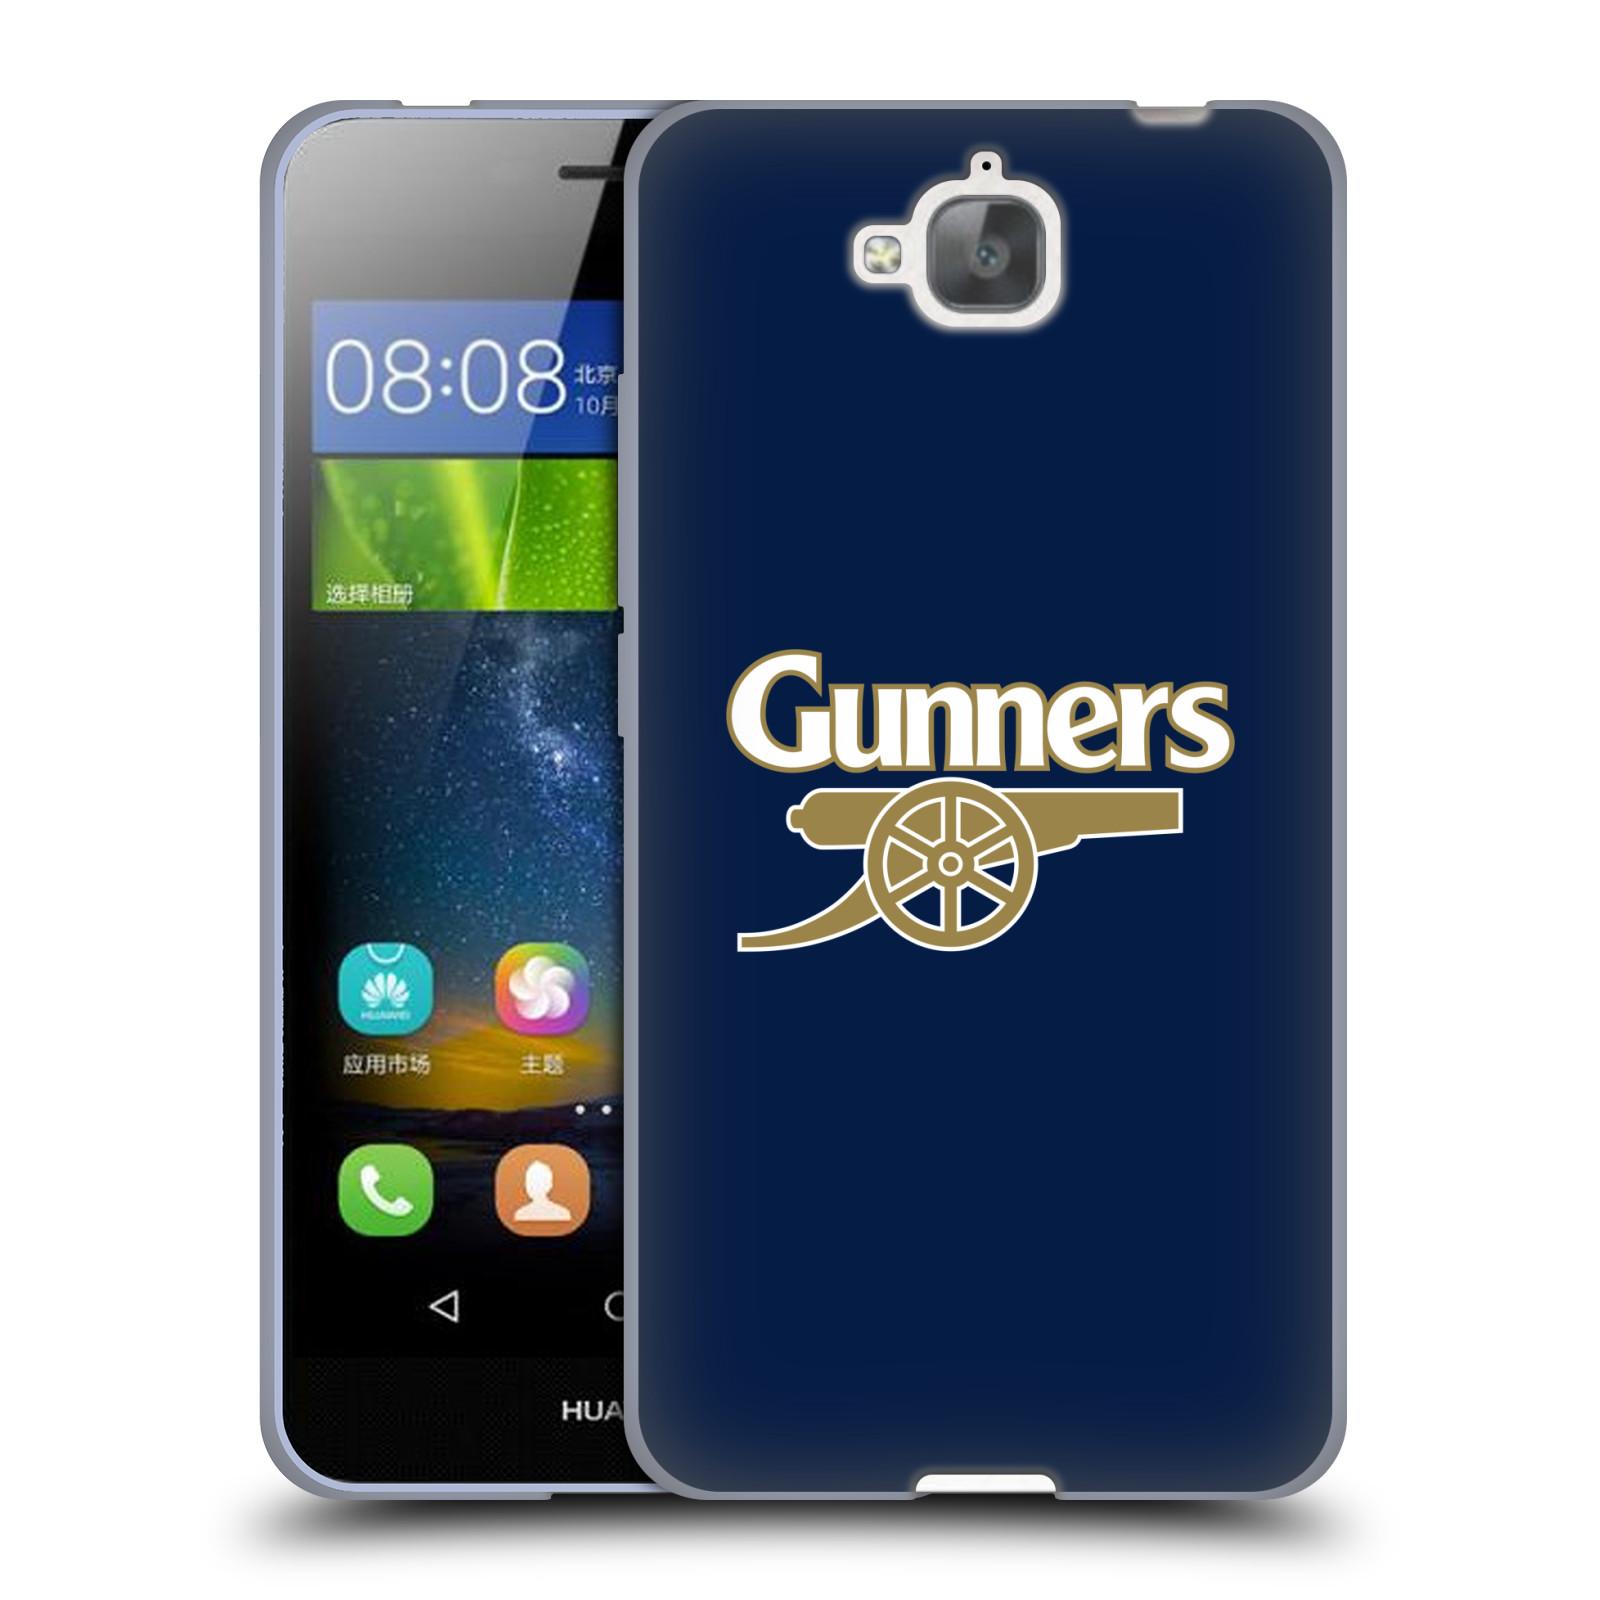 Silikonové pouzdro na mobil Huawei Y6 Pro Dual Sim - Head Case - Arsenal FC - Gunners